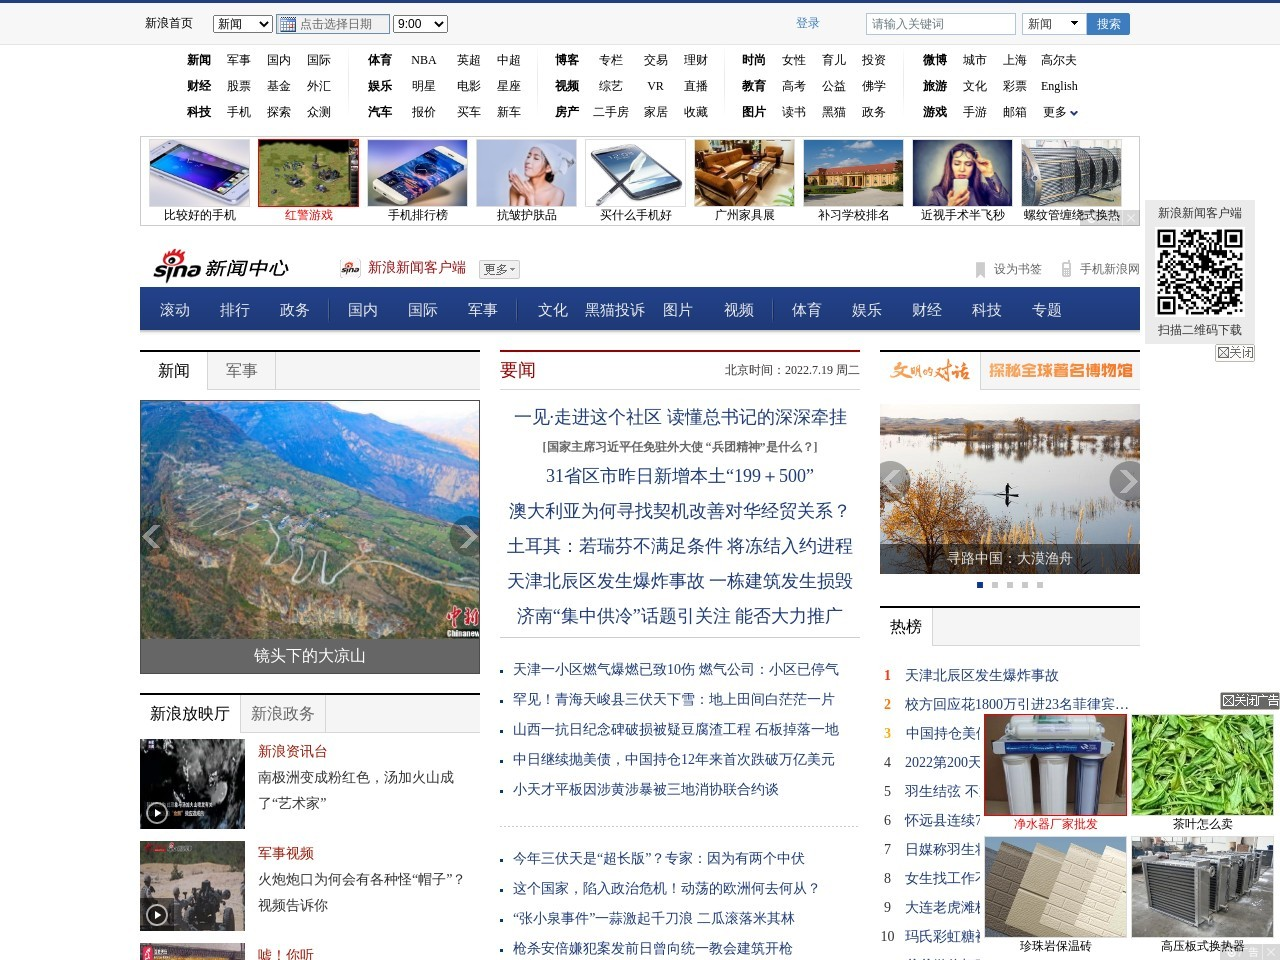 北京银保监局:率先推出交通事故互碰快赔